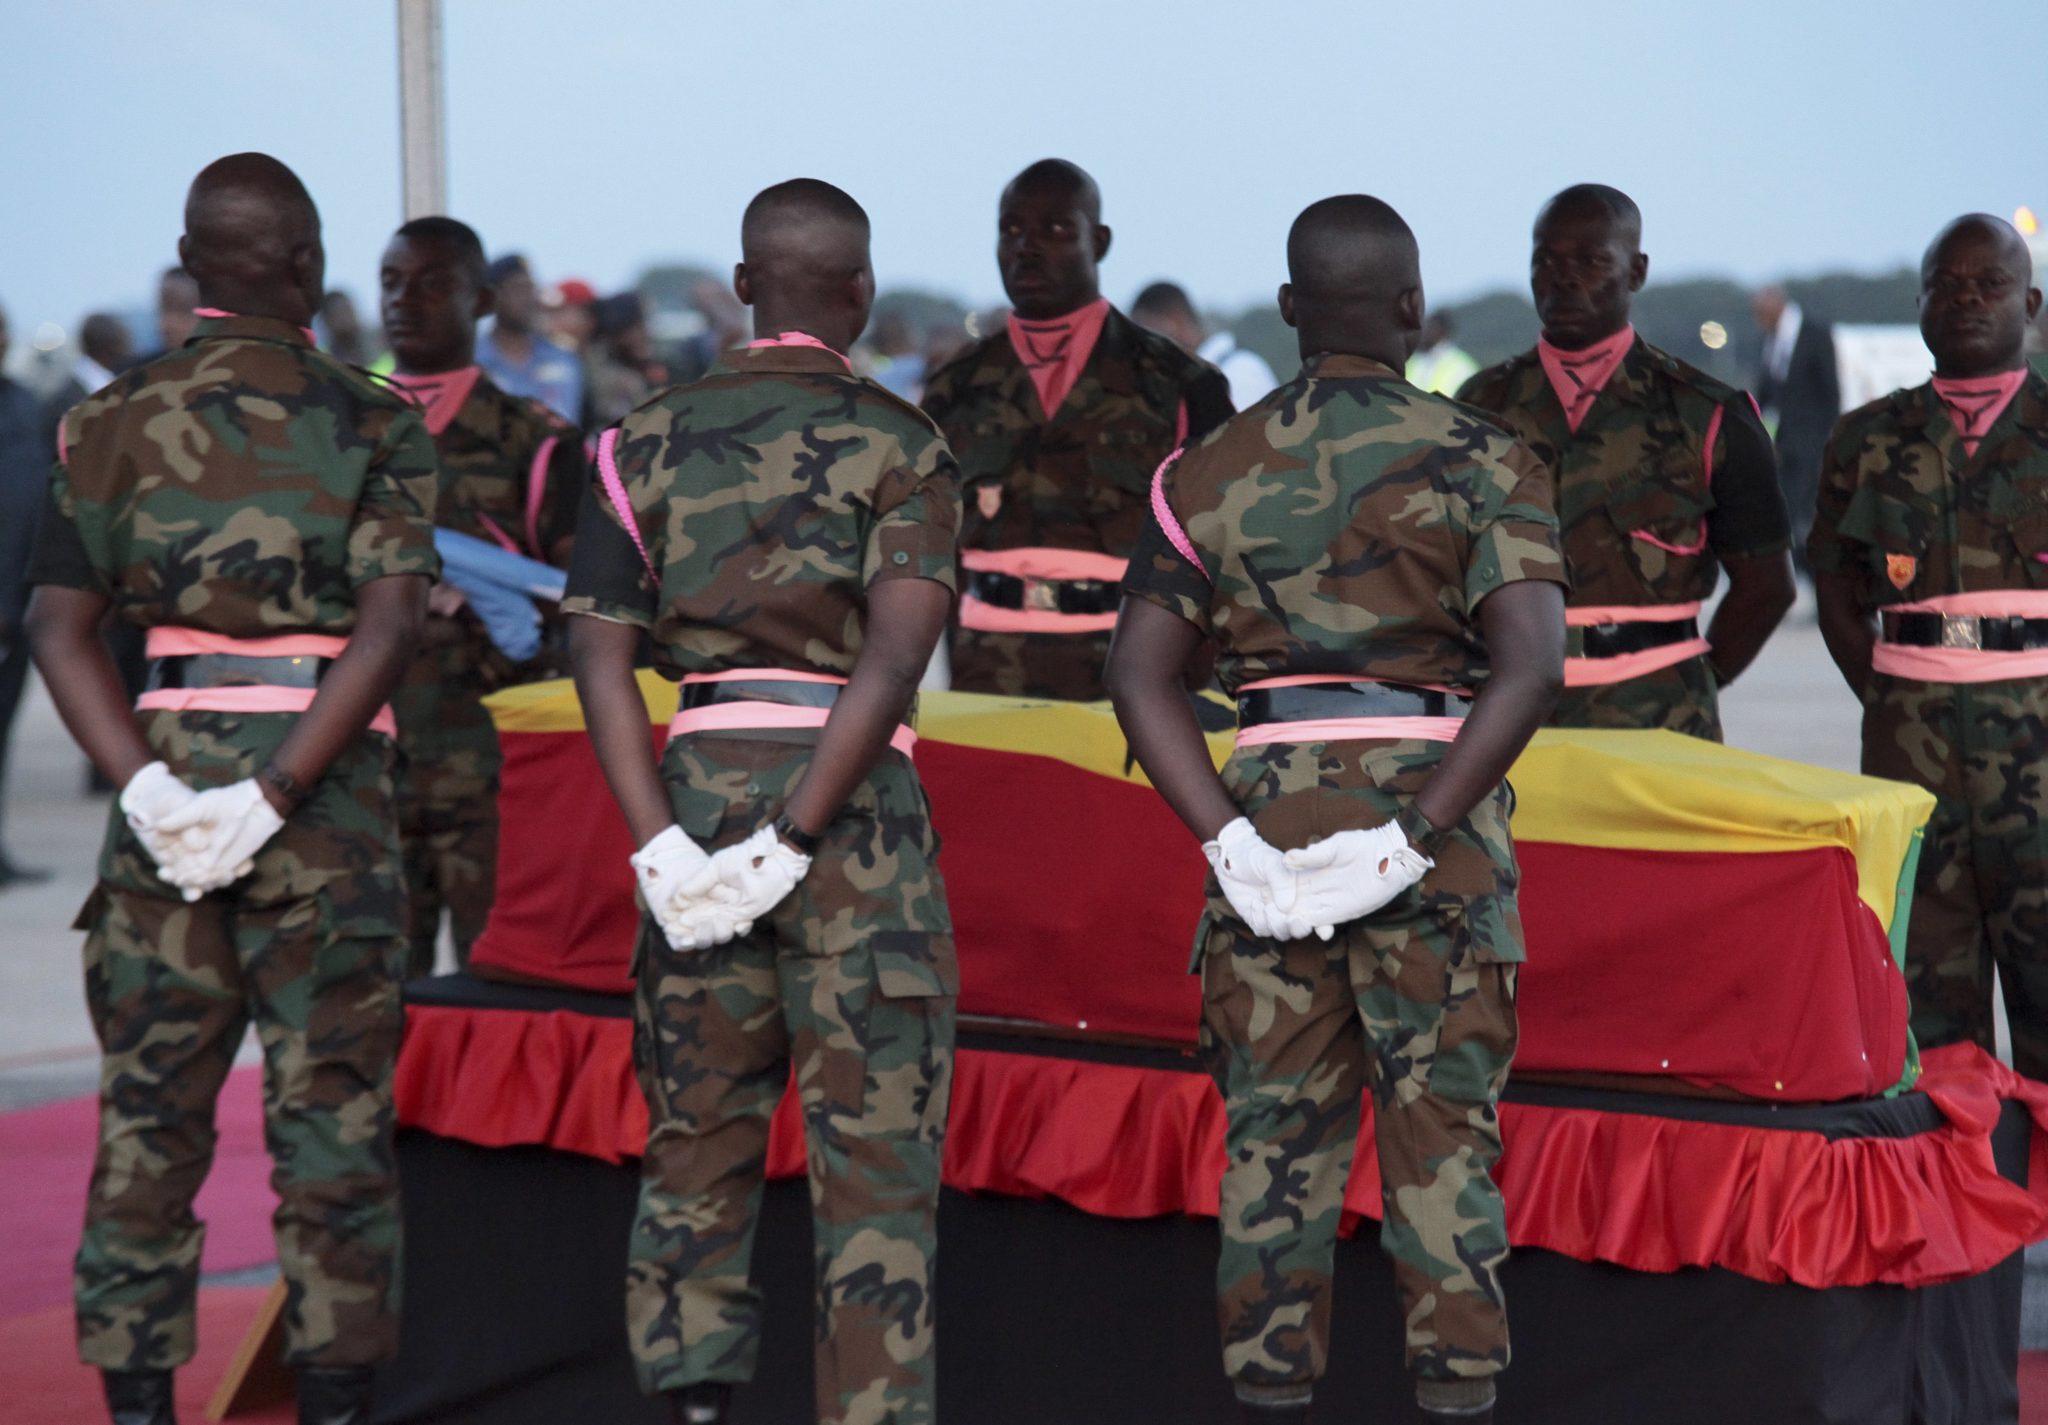 Żołnierze Ghany noszą trumnę podczas przybycia ciała zmarłego Kofi Annana w Akrze ( stolica, największe miasto i główny port Ghany), fot. Christian Thompson, PAP/EPA